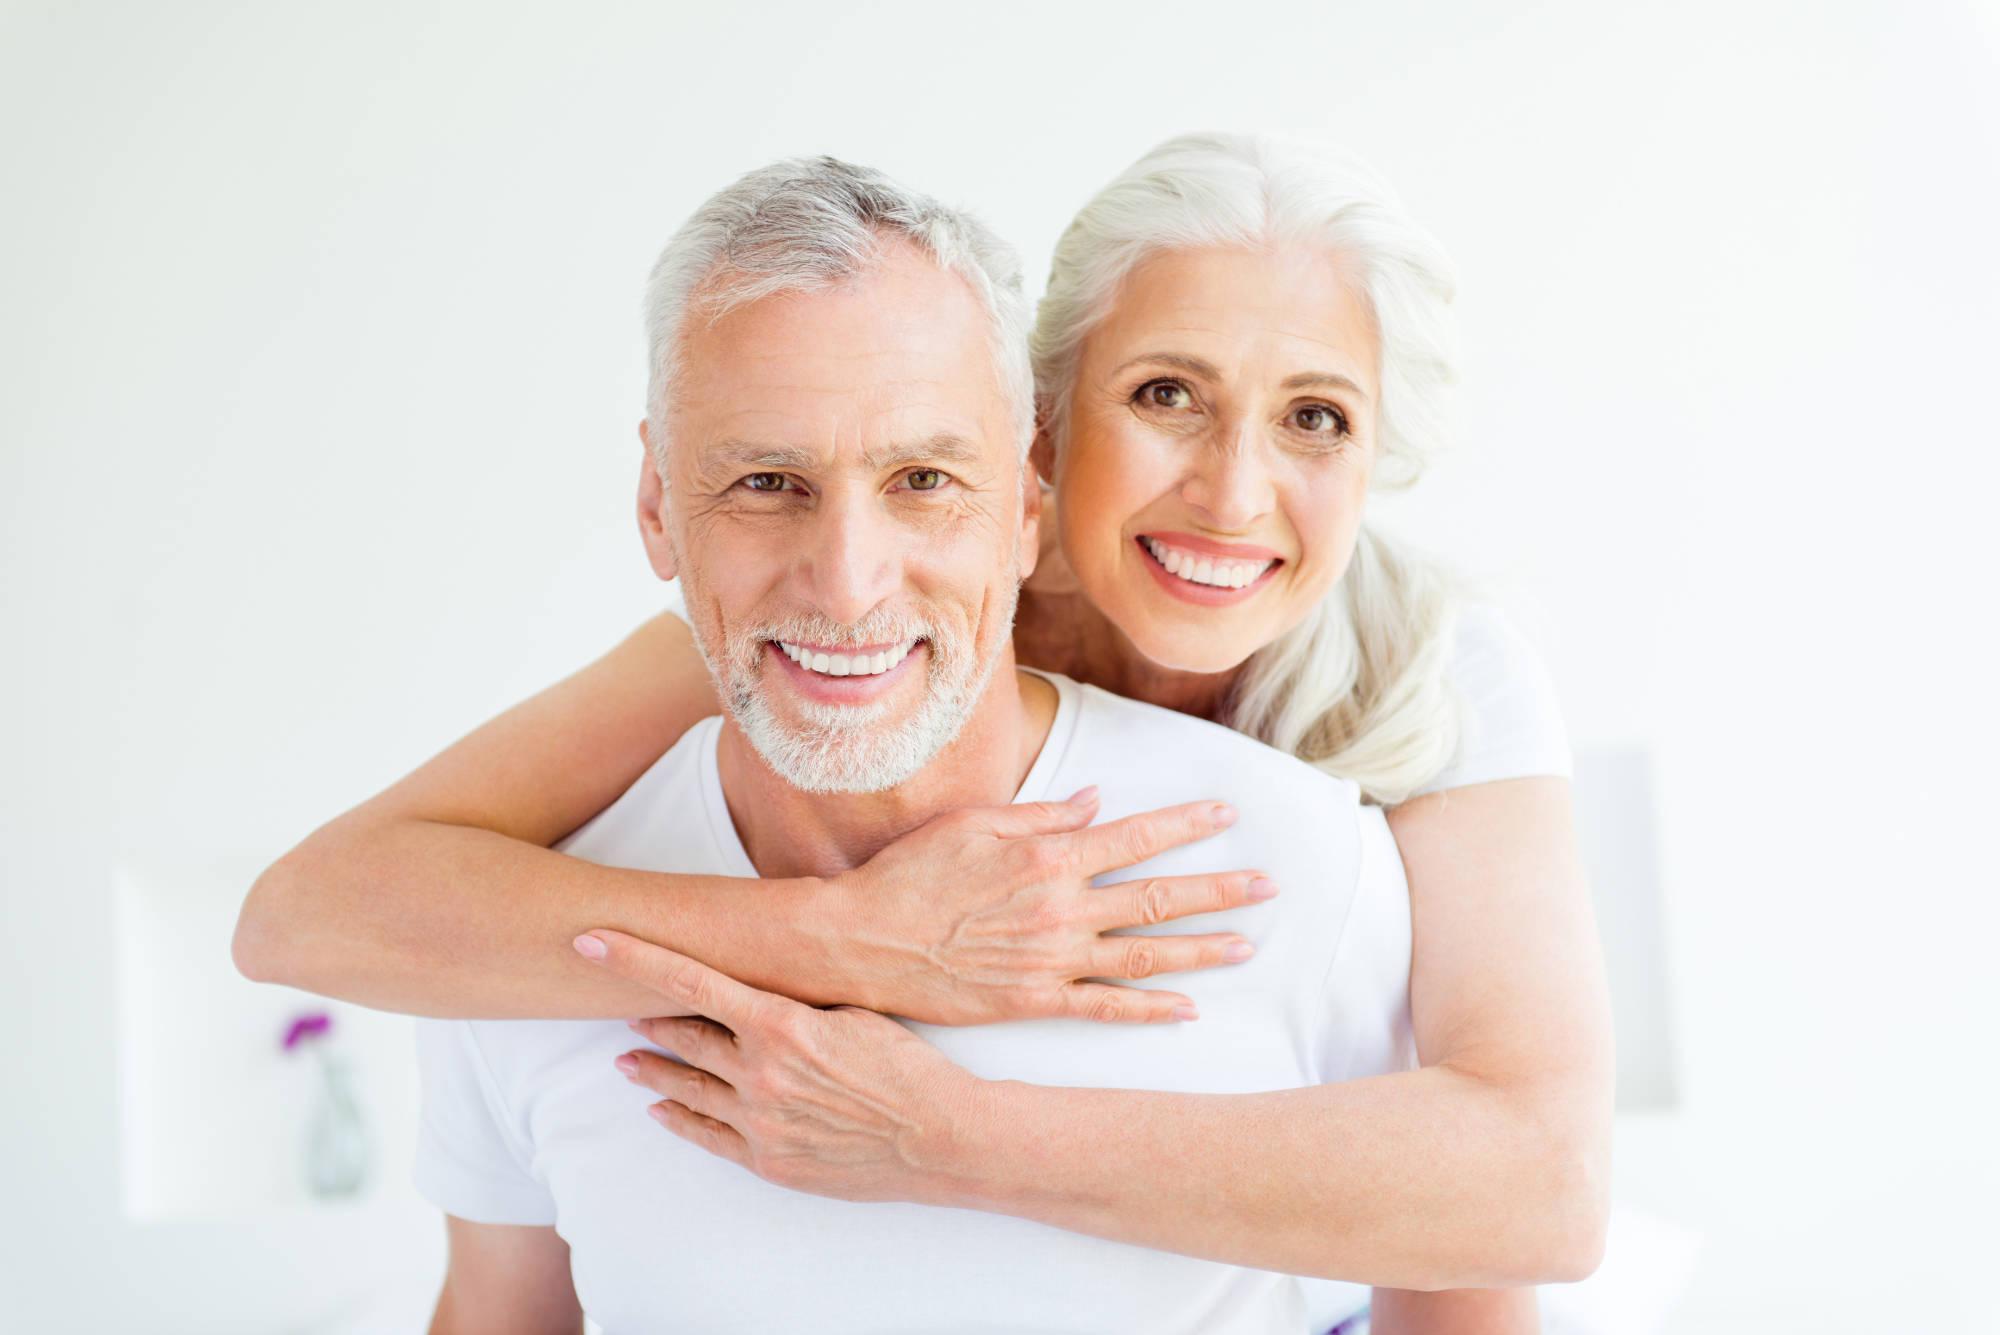 Zahnerhalt - Zahnheilkunde - Zahnarzt